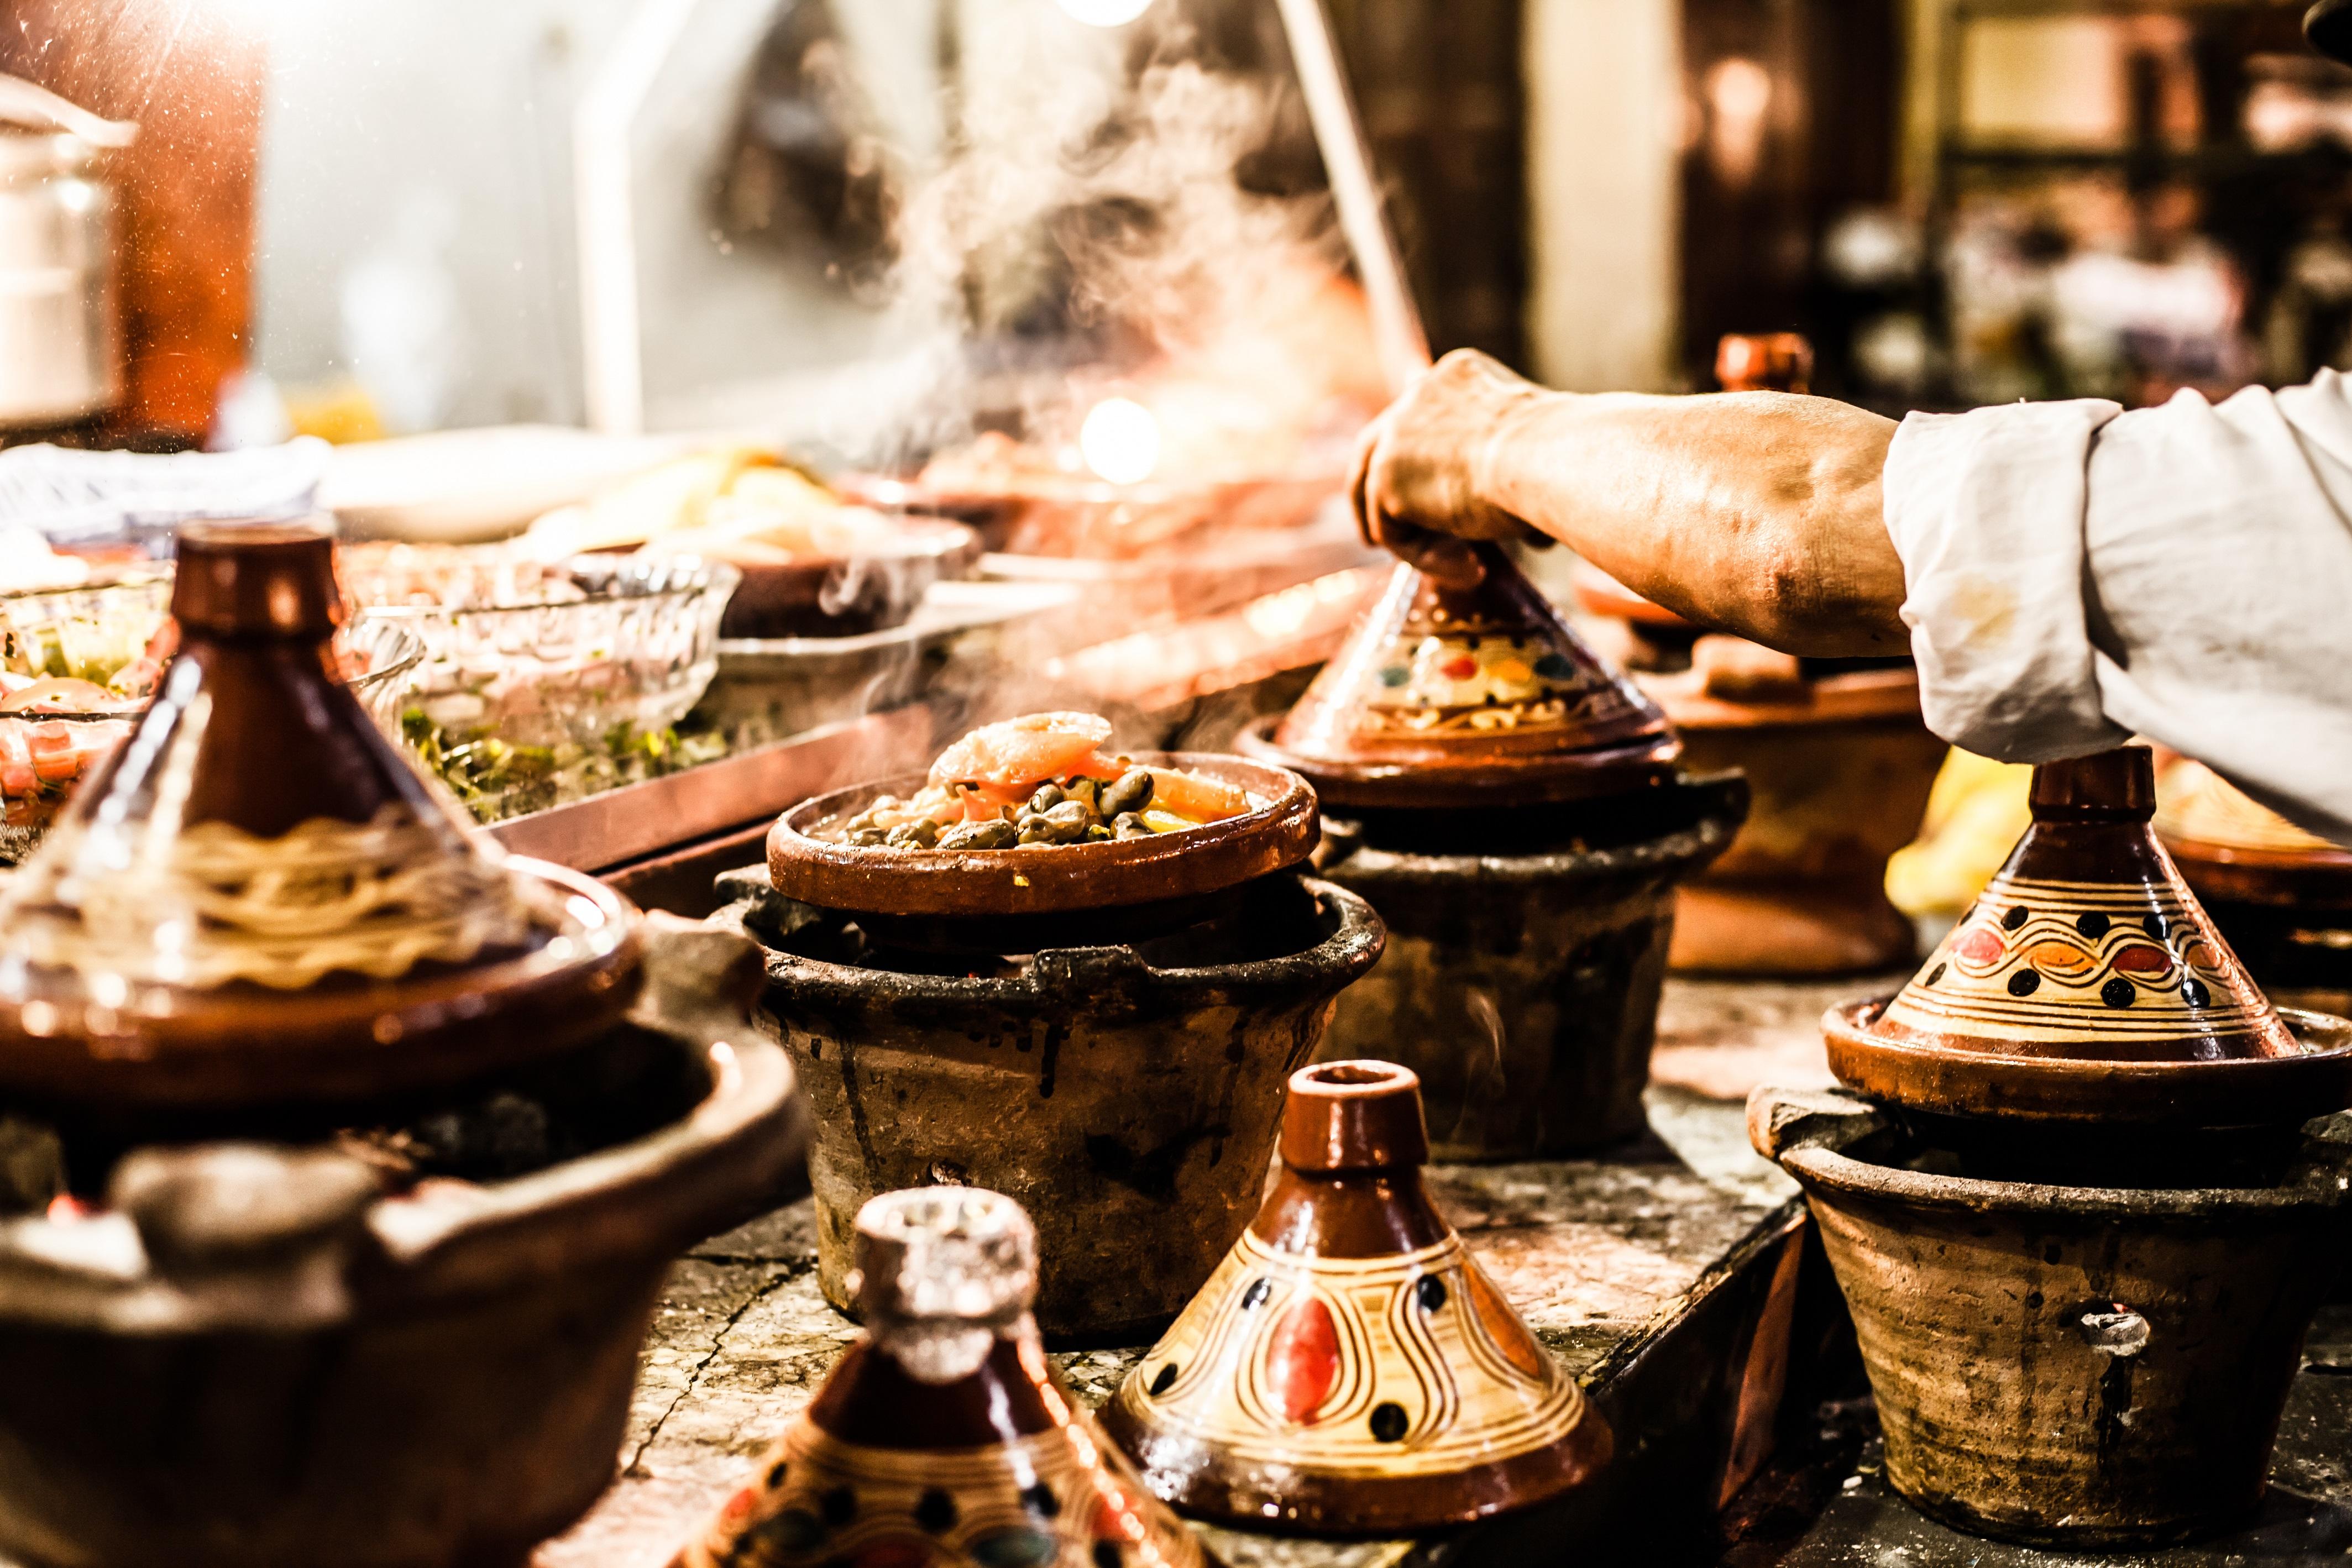 Street food in Marrakech